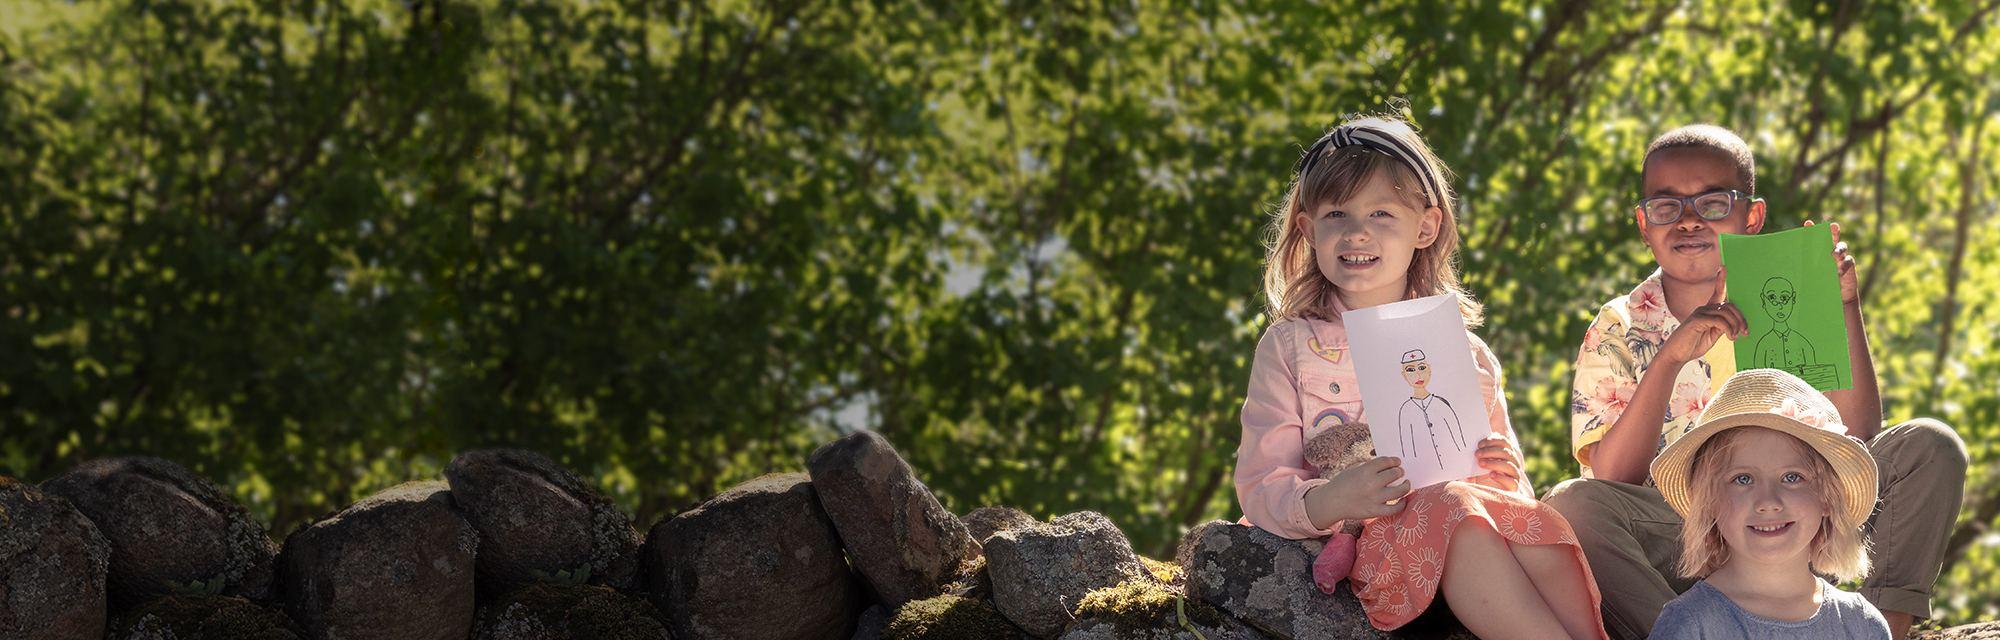 Uusimmat tiedot koronaviruksesta Kanta-Hämeessä: Neljä uutta tautitapausta – kaikkia tartuntaketjuja ei voida jäljittää, SSAB aloittaa yt:t